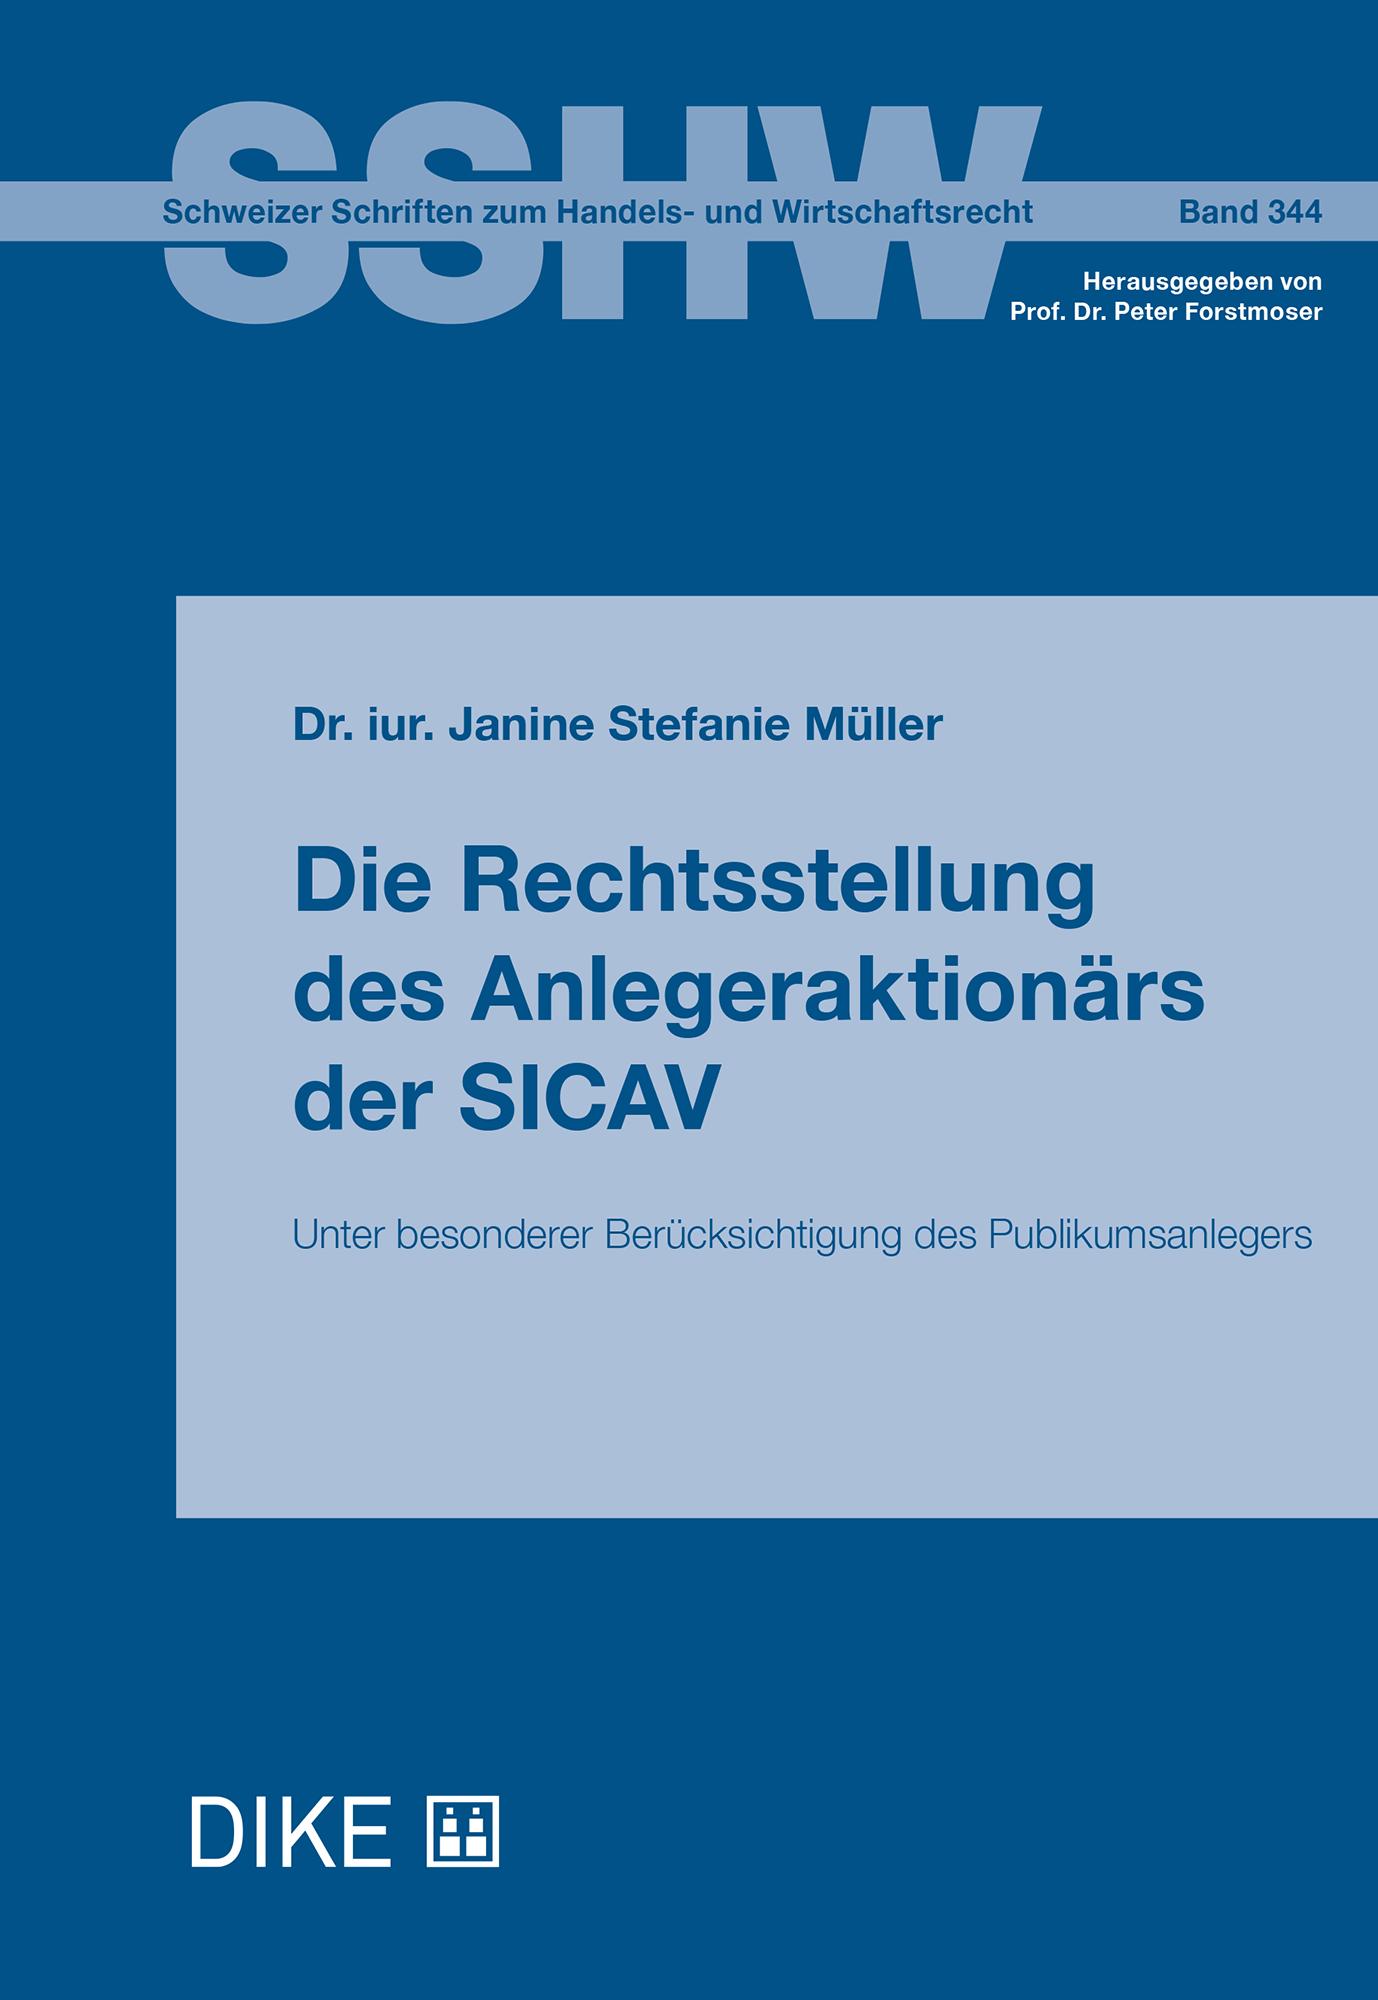 Die Rechtsstellung des Anlegeraktionärs der SICAV